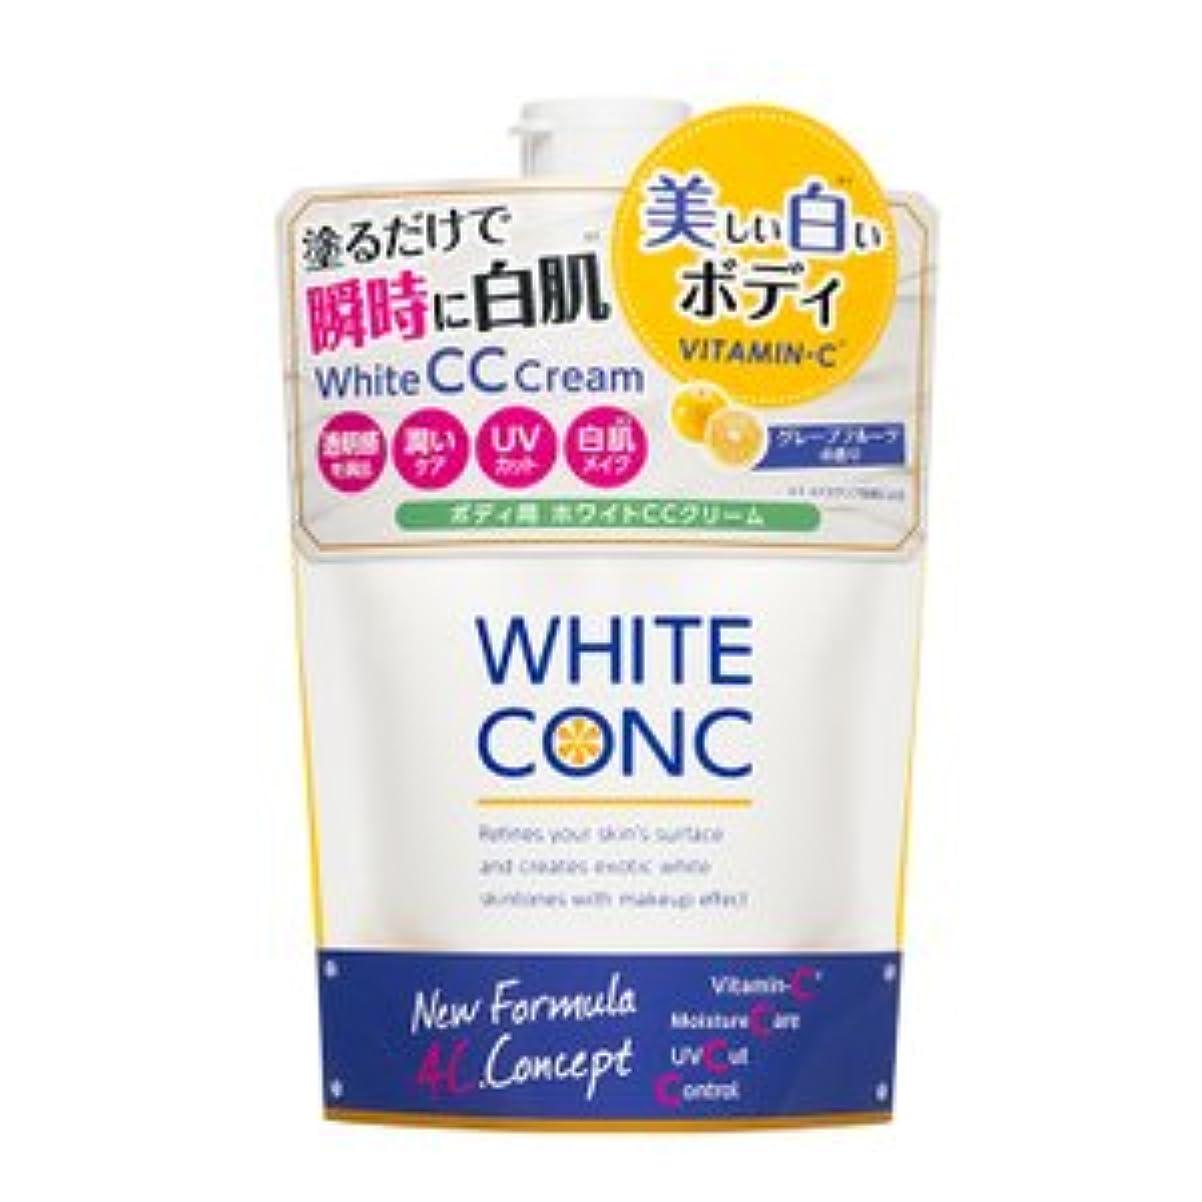 プレゼン購入ほのか薬用ホワイトコンクホワイトCCクリーム 200g